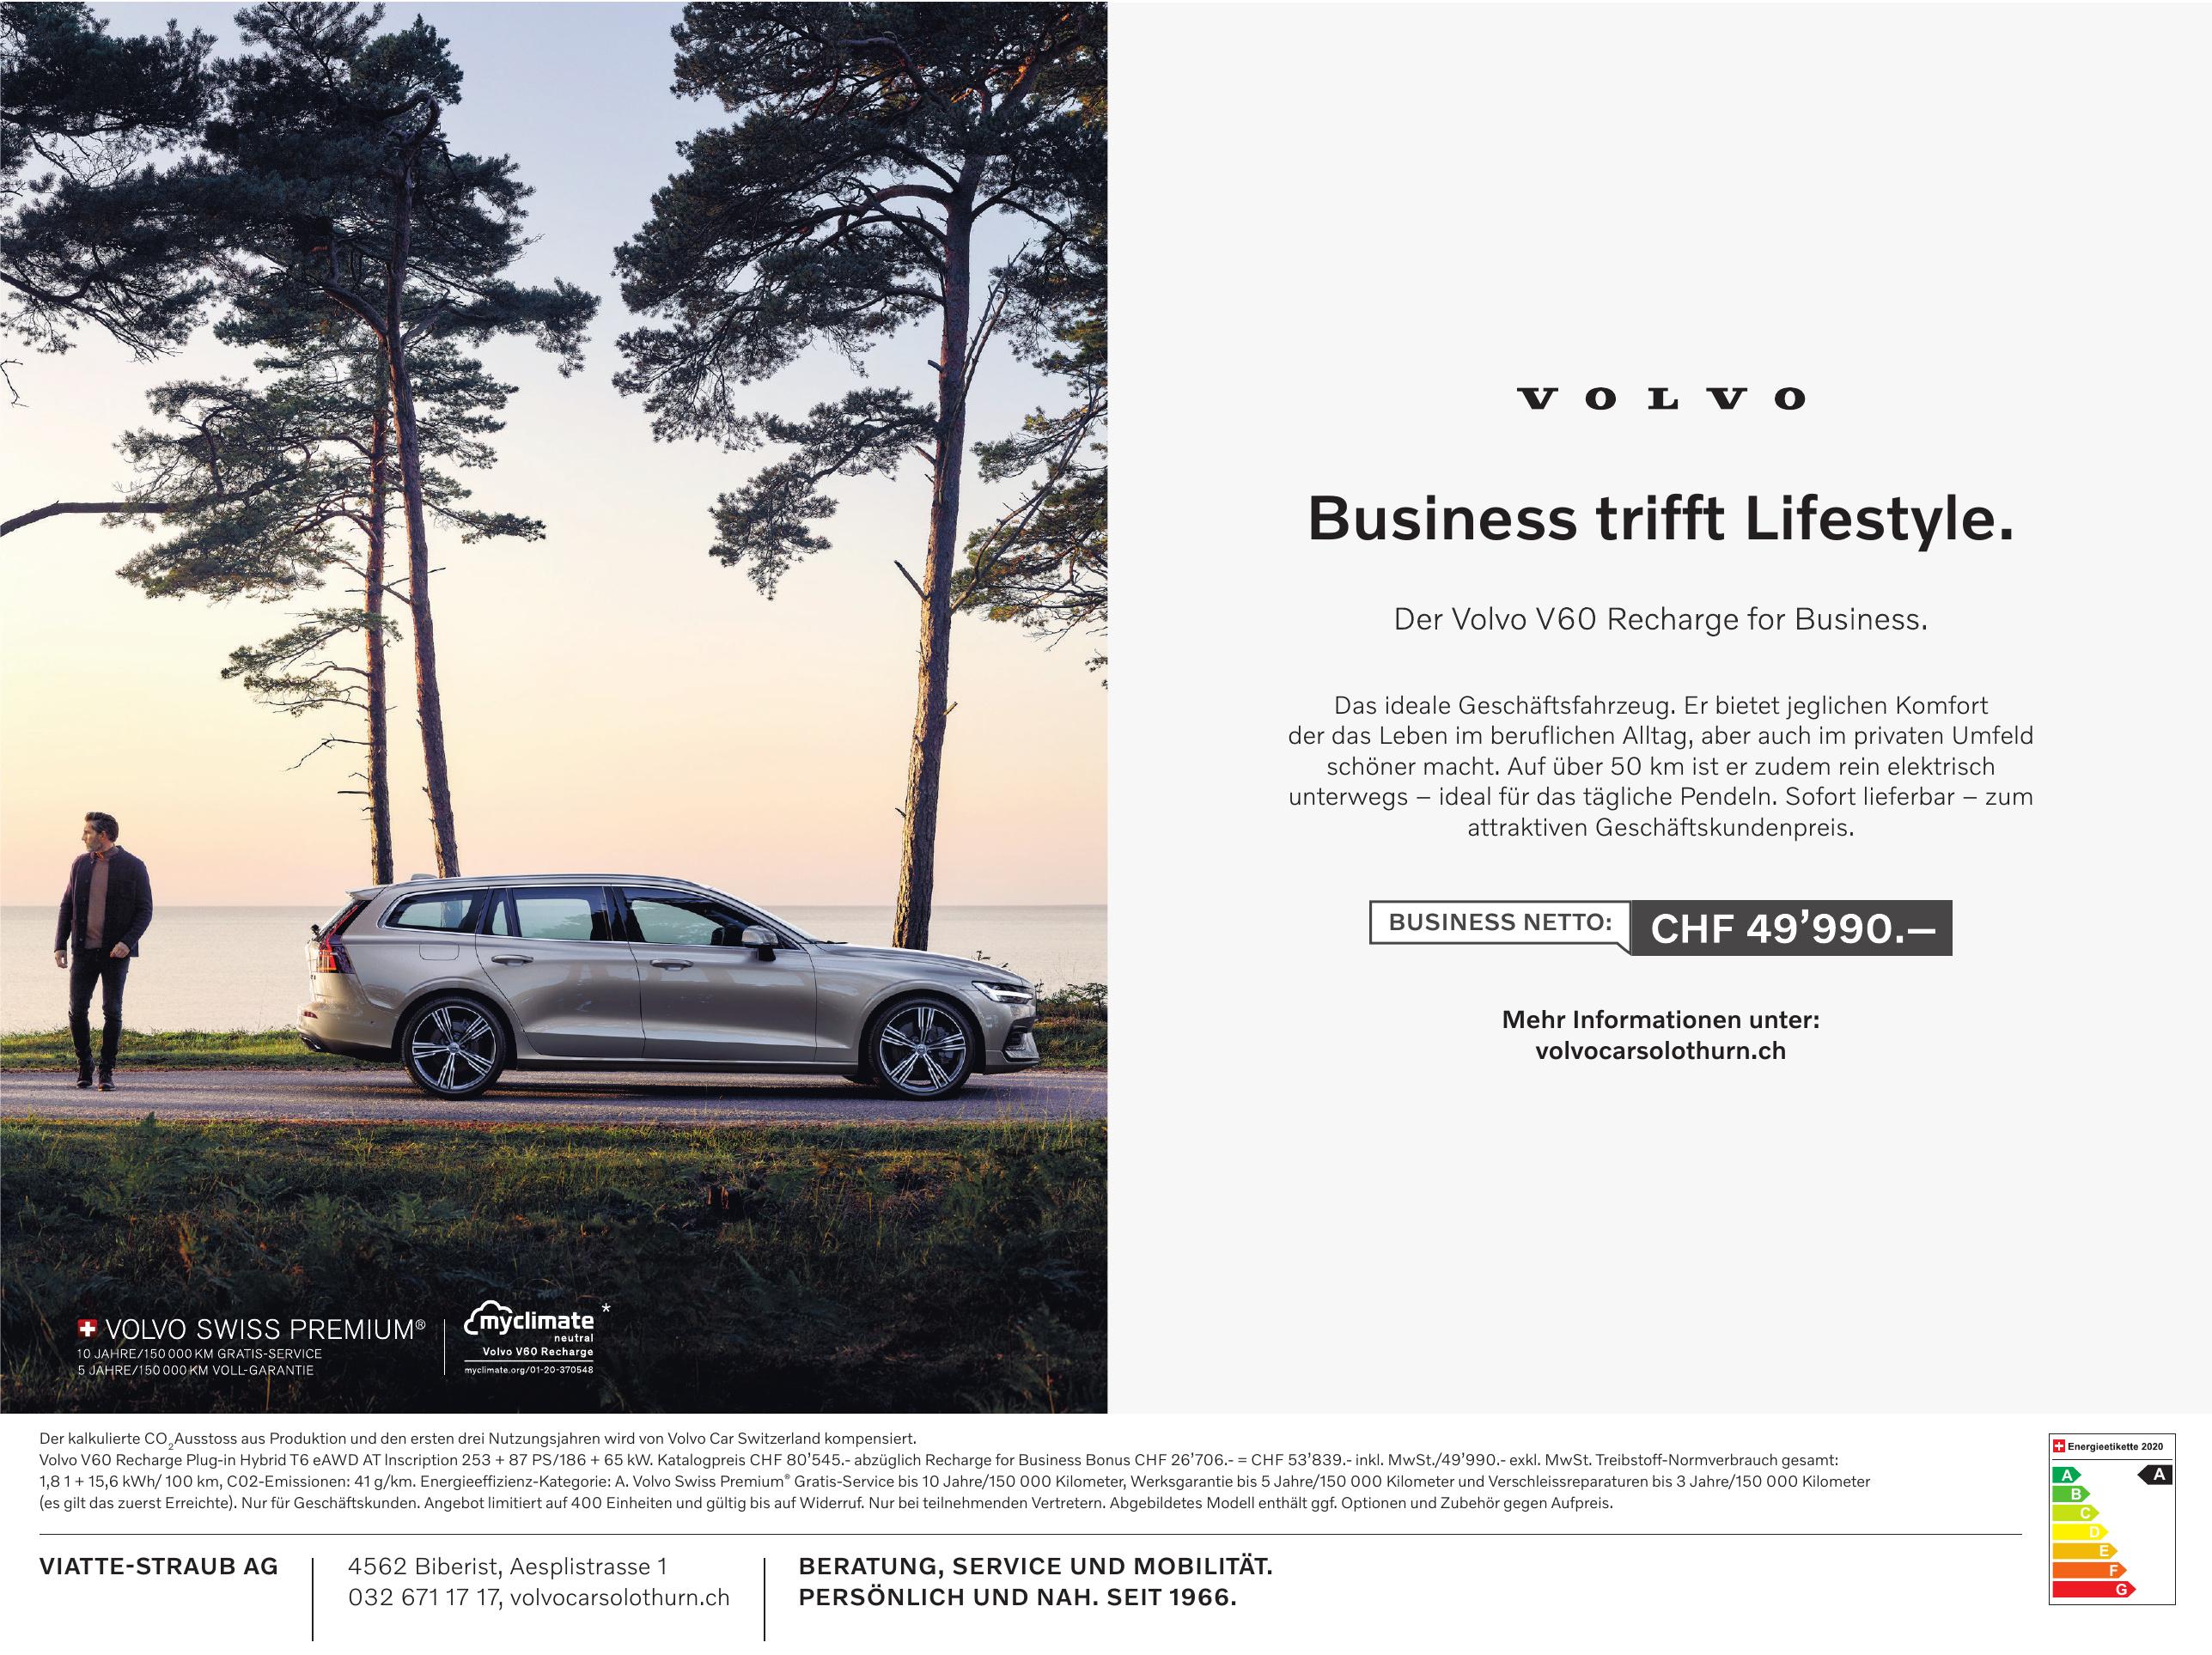 Volvo Viatte-Straub AG